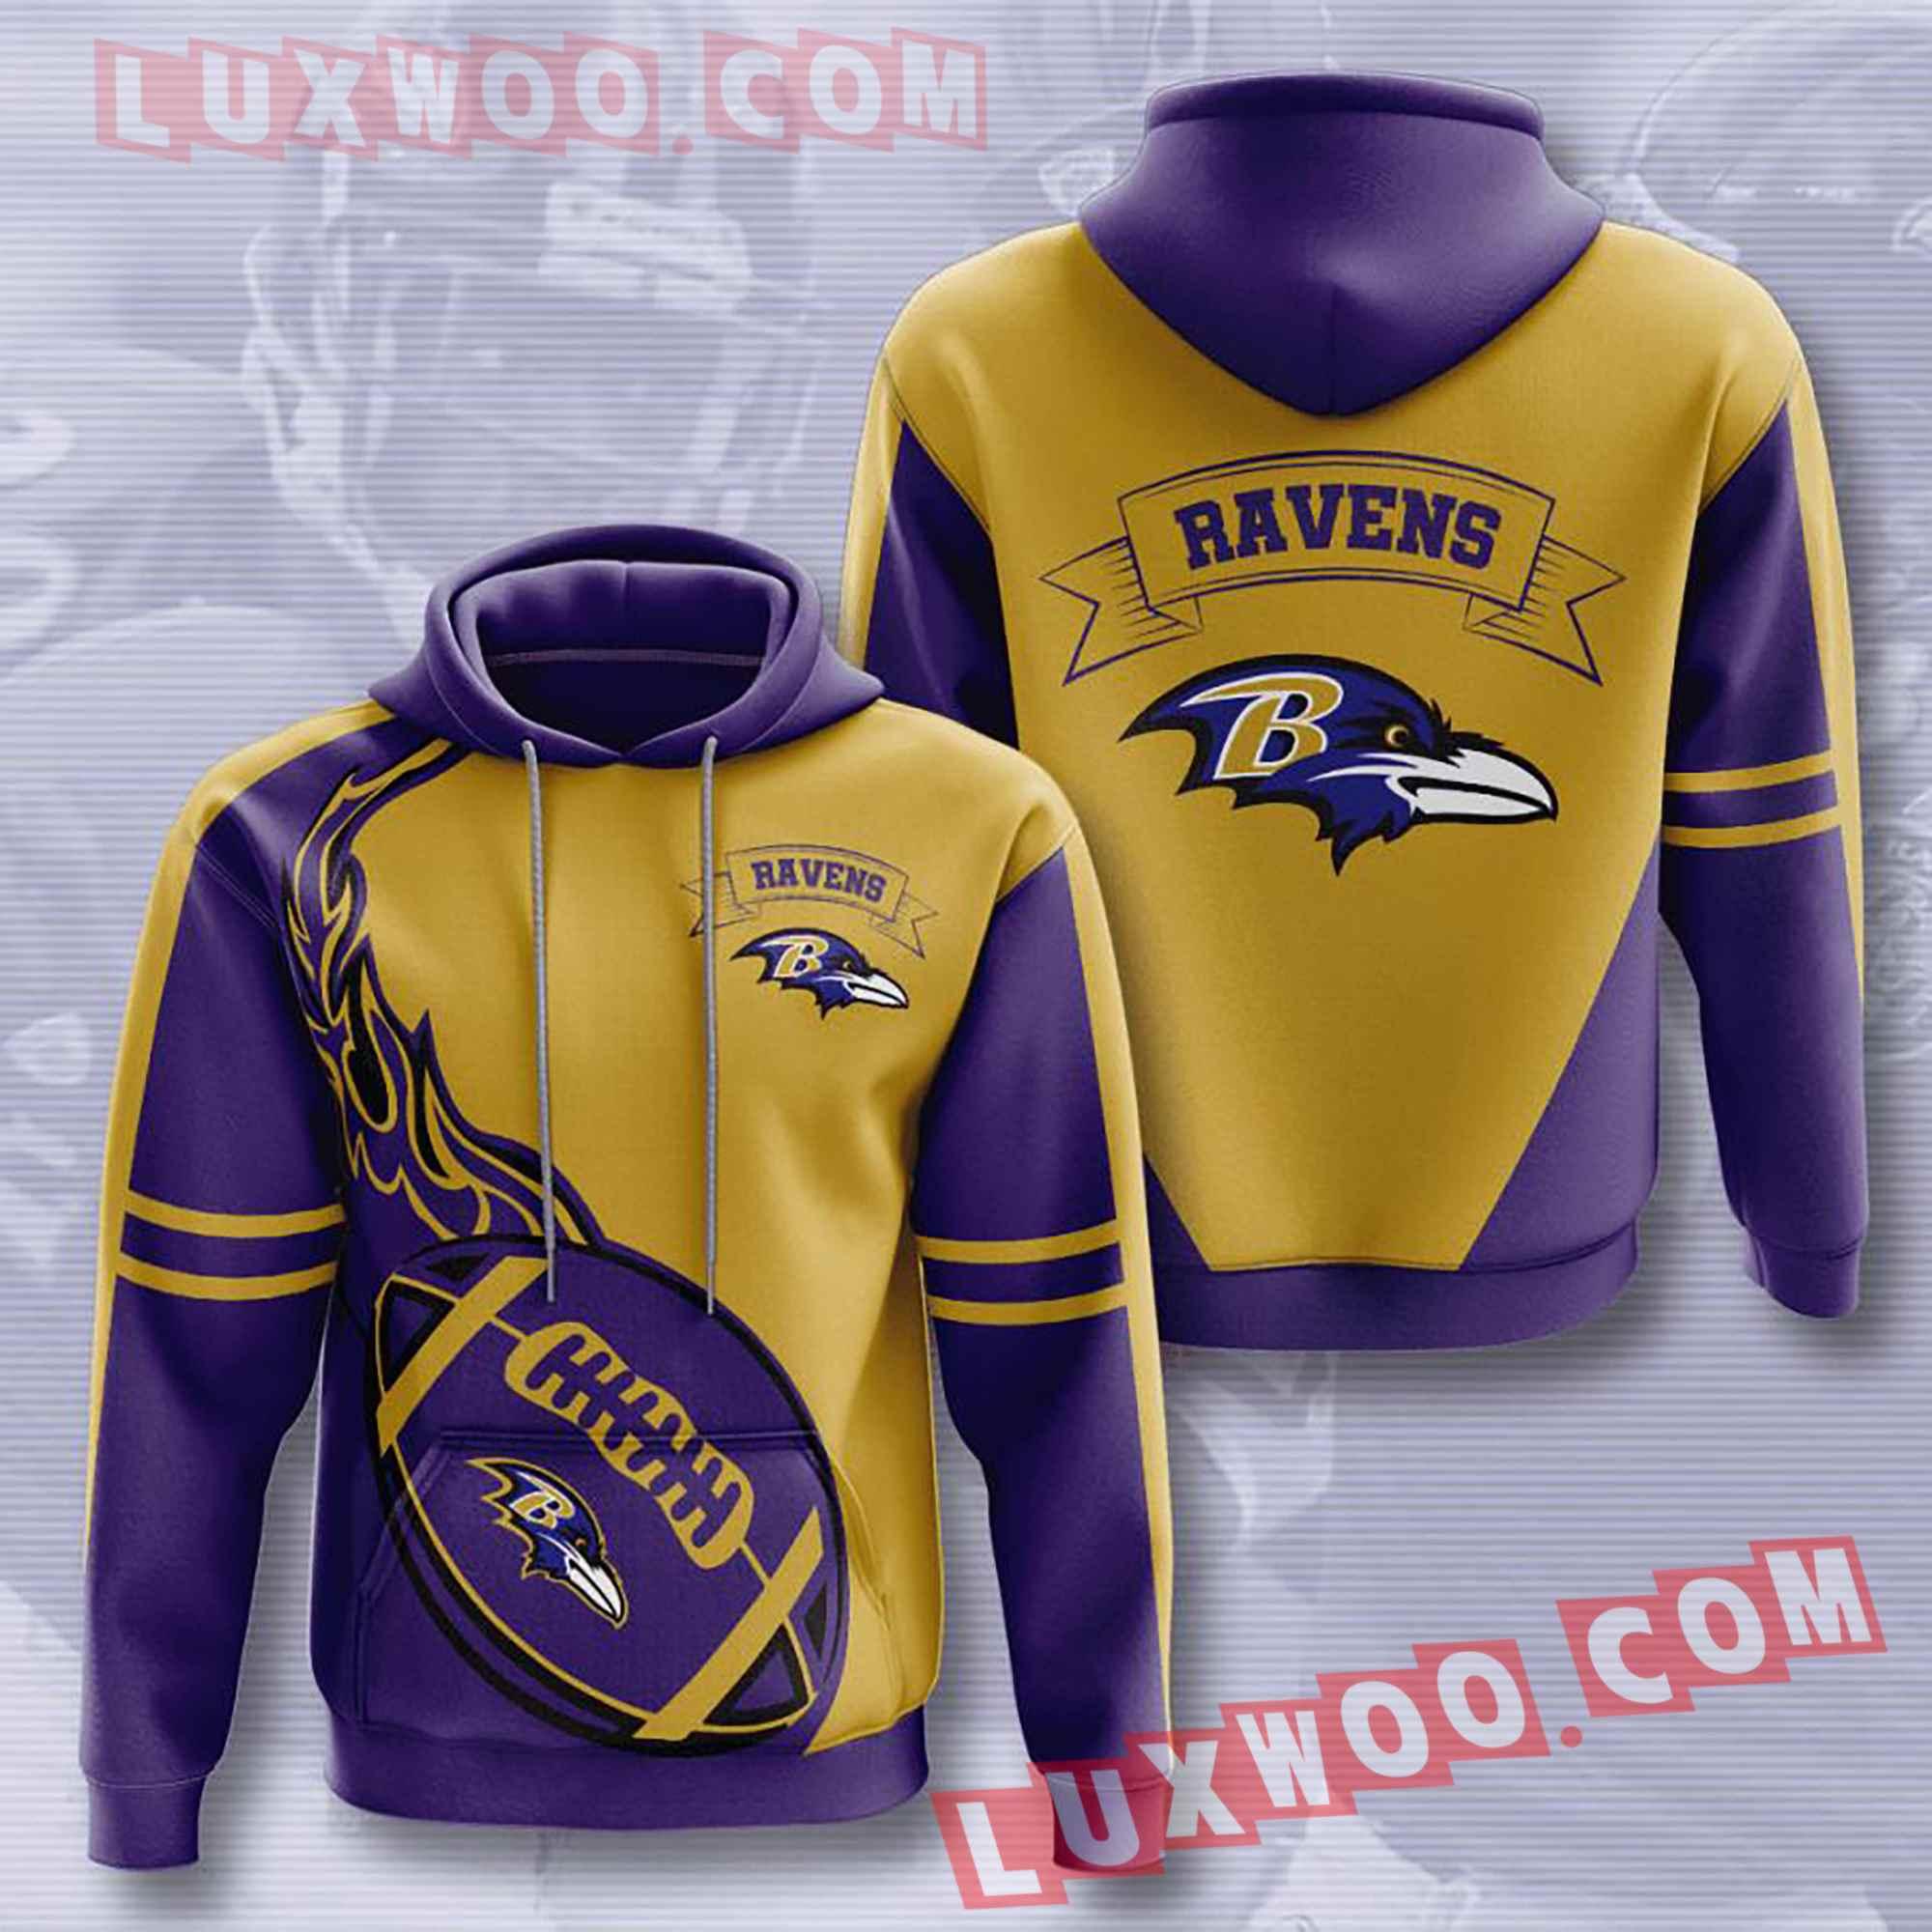 Baltimore Ravens Nfl Custom All Over Print 3d Pullover Hoodie V10